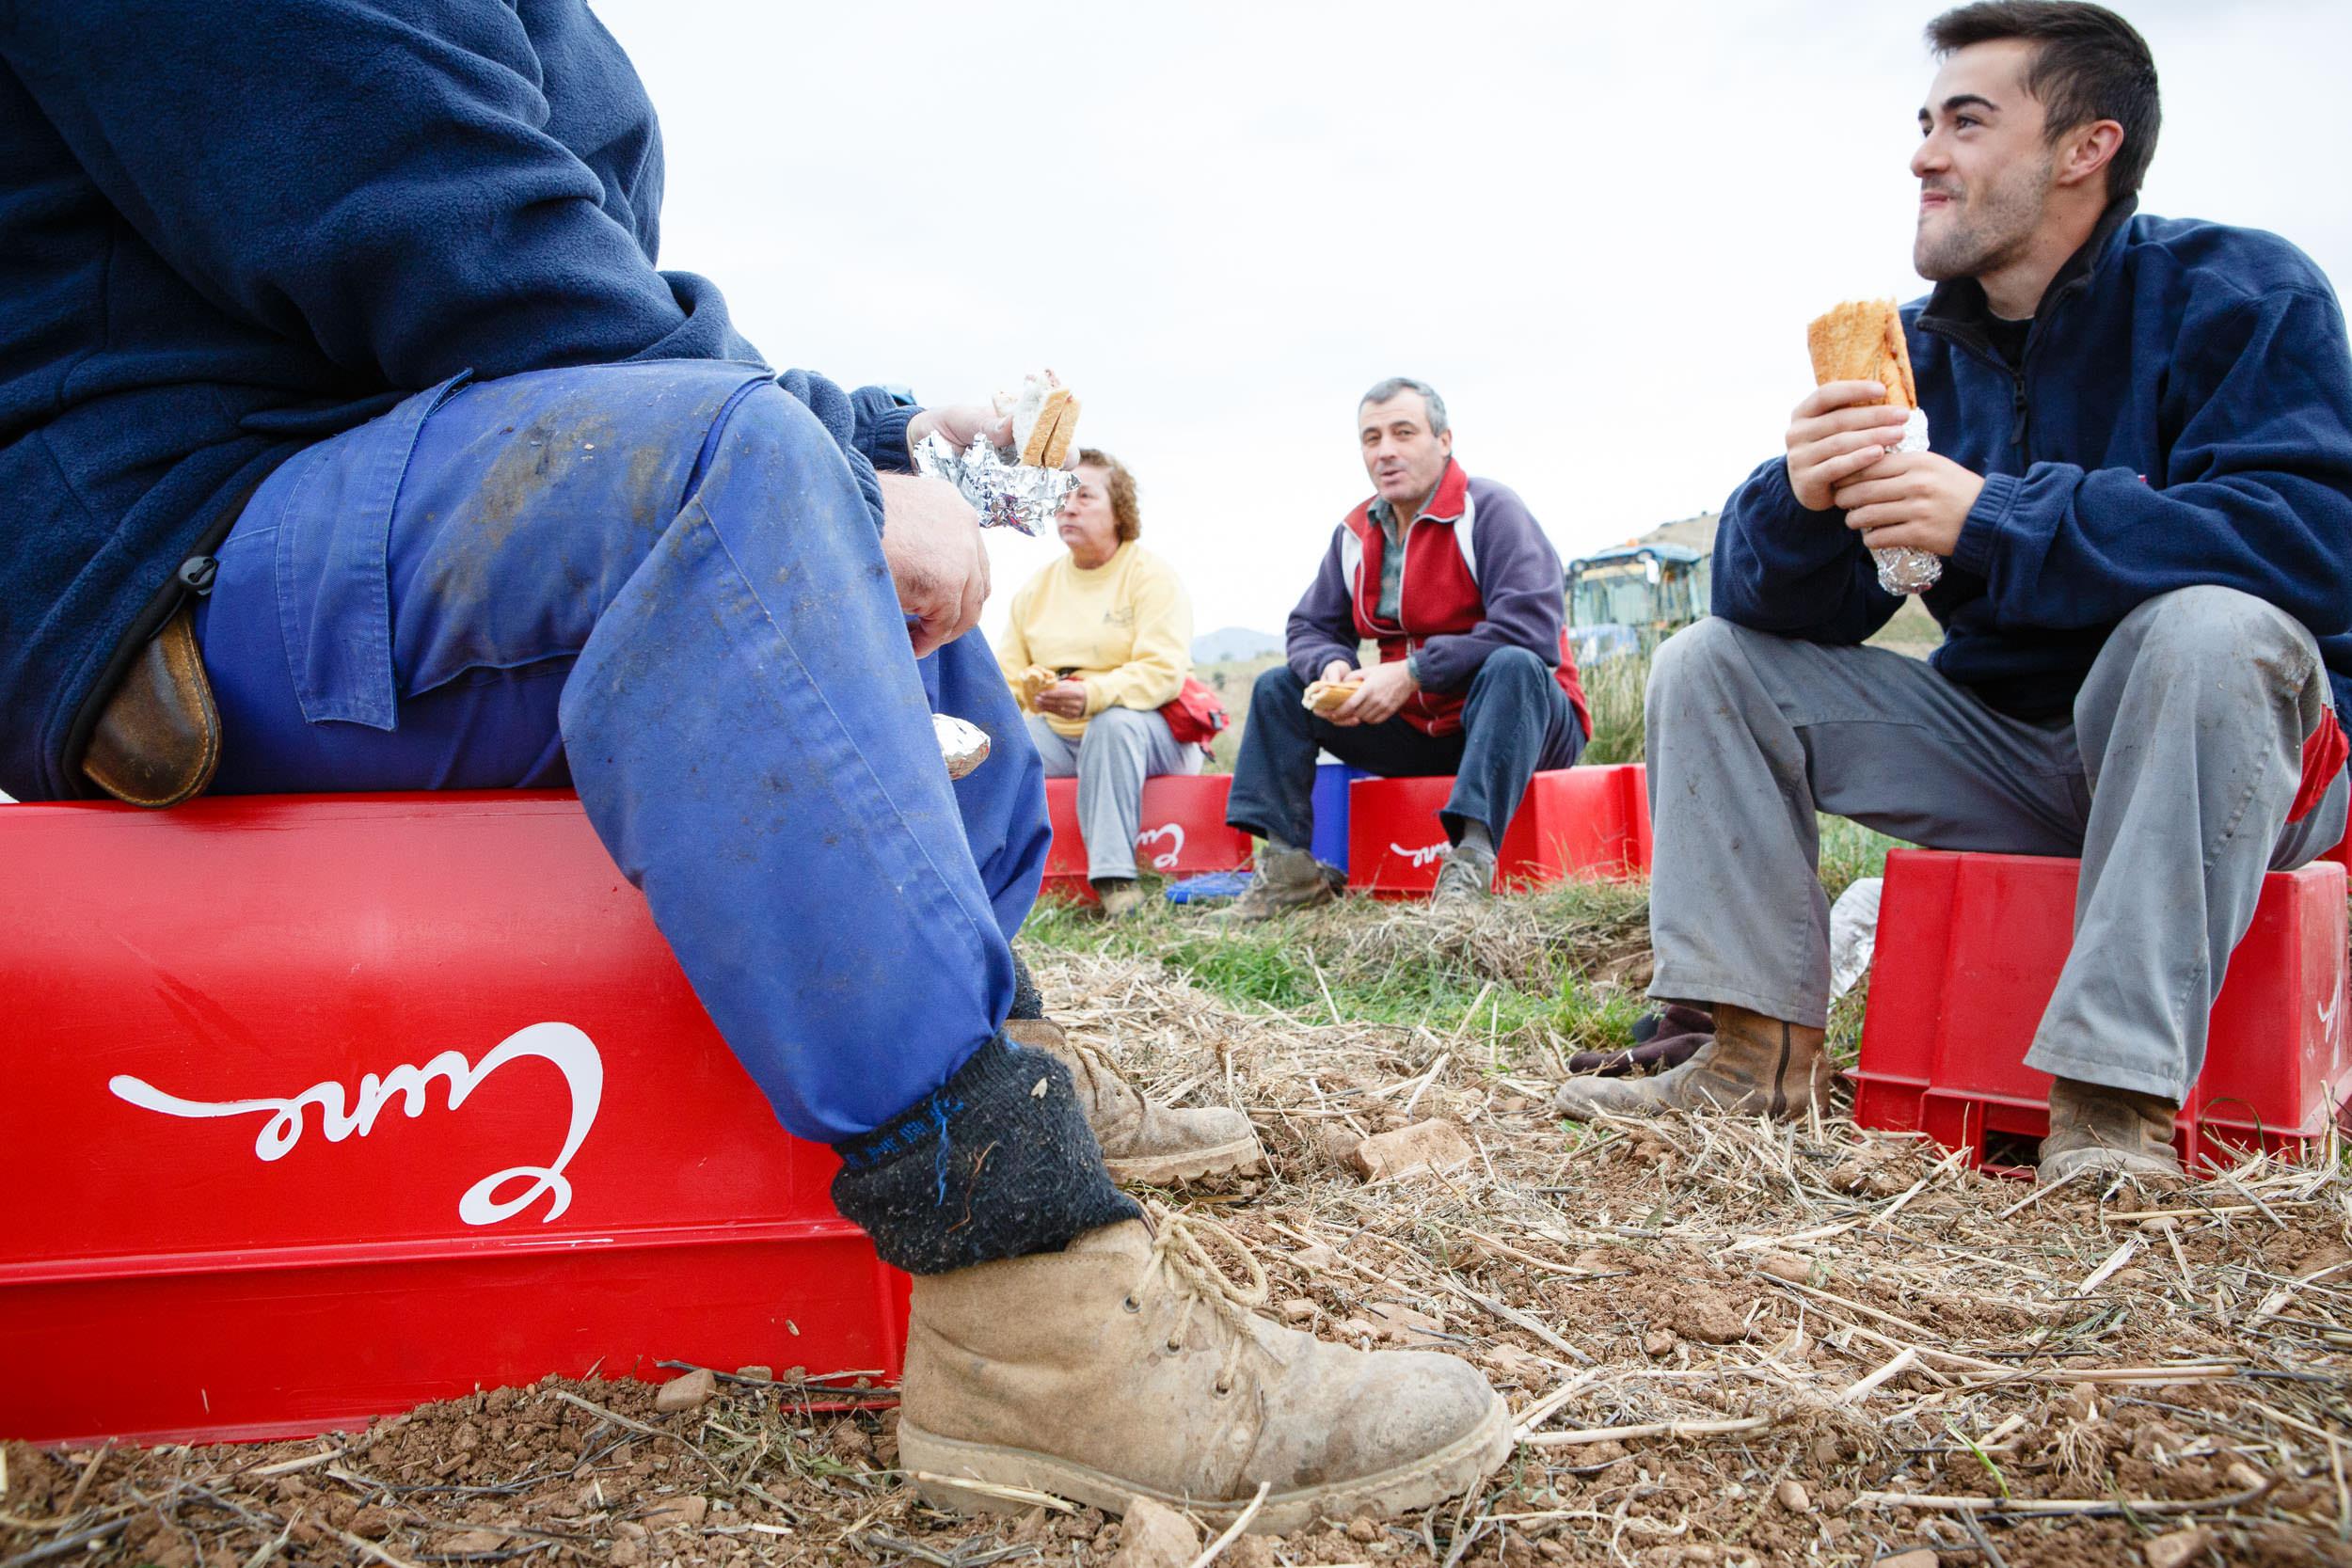 22/10/13 Bodegas CVNE, La Rioja, España. Foto de James Sturcke Fotografía   www.sturcke.org